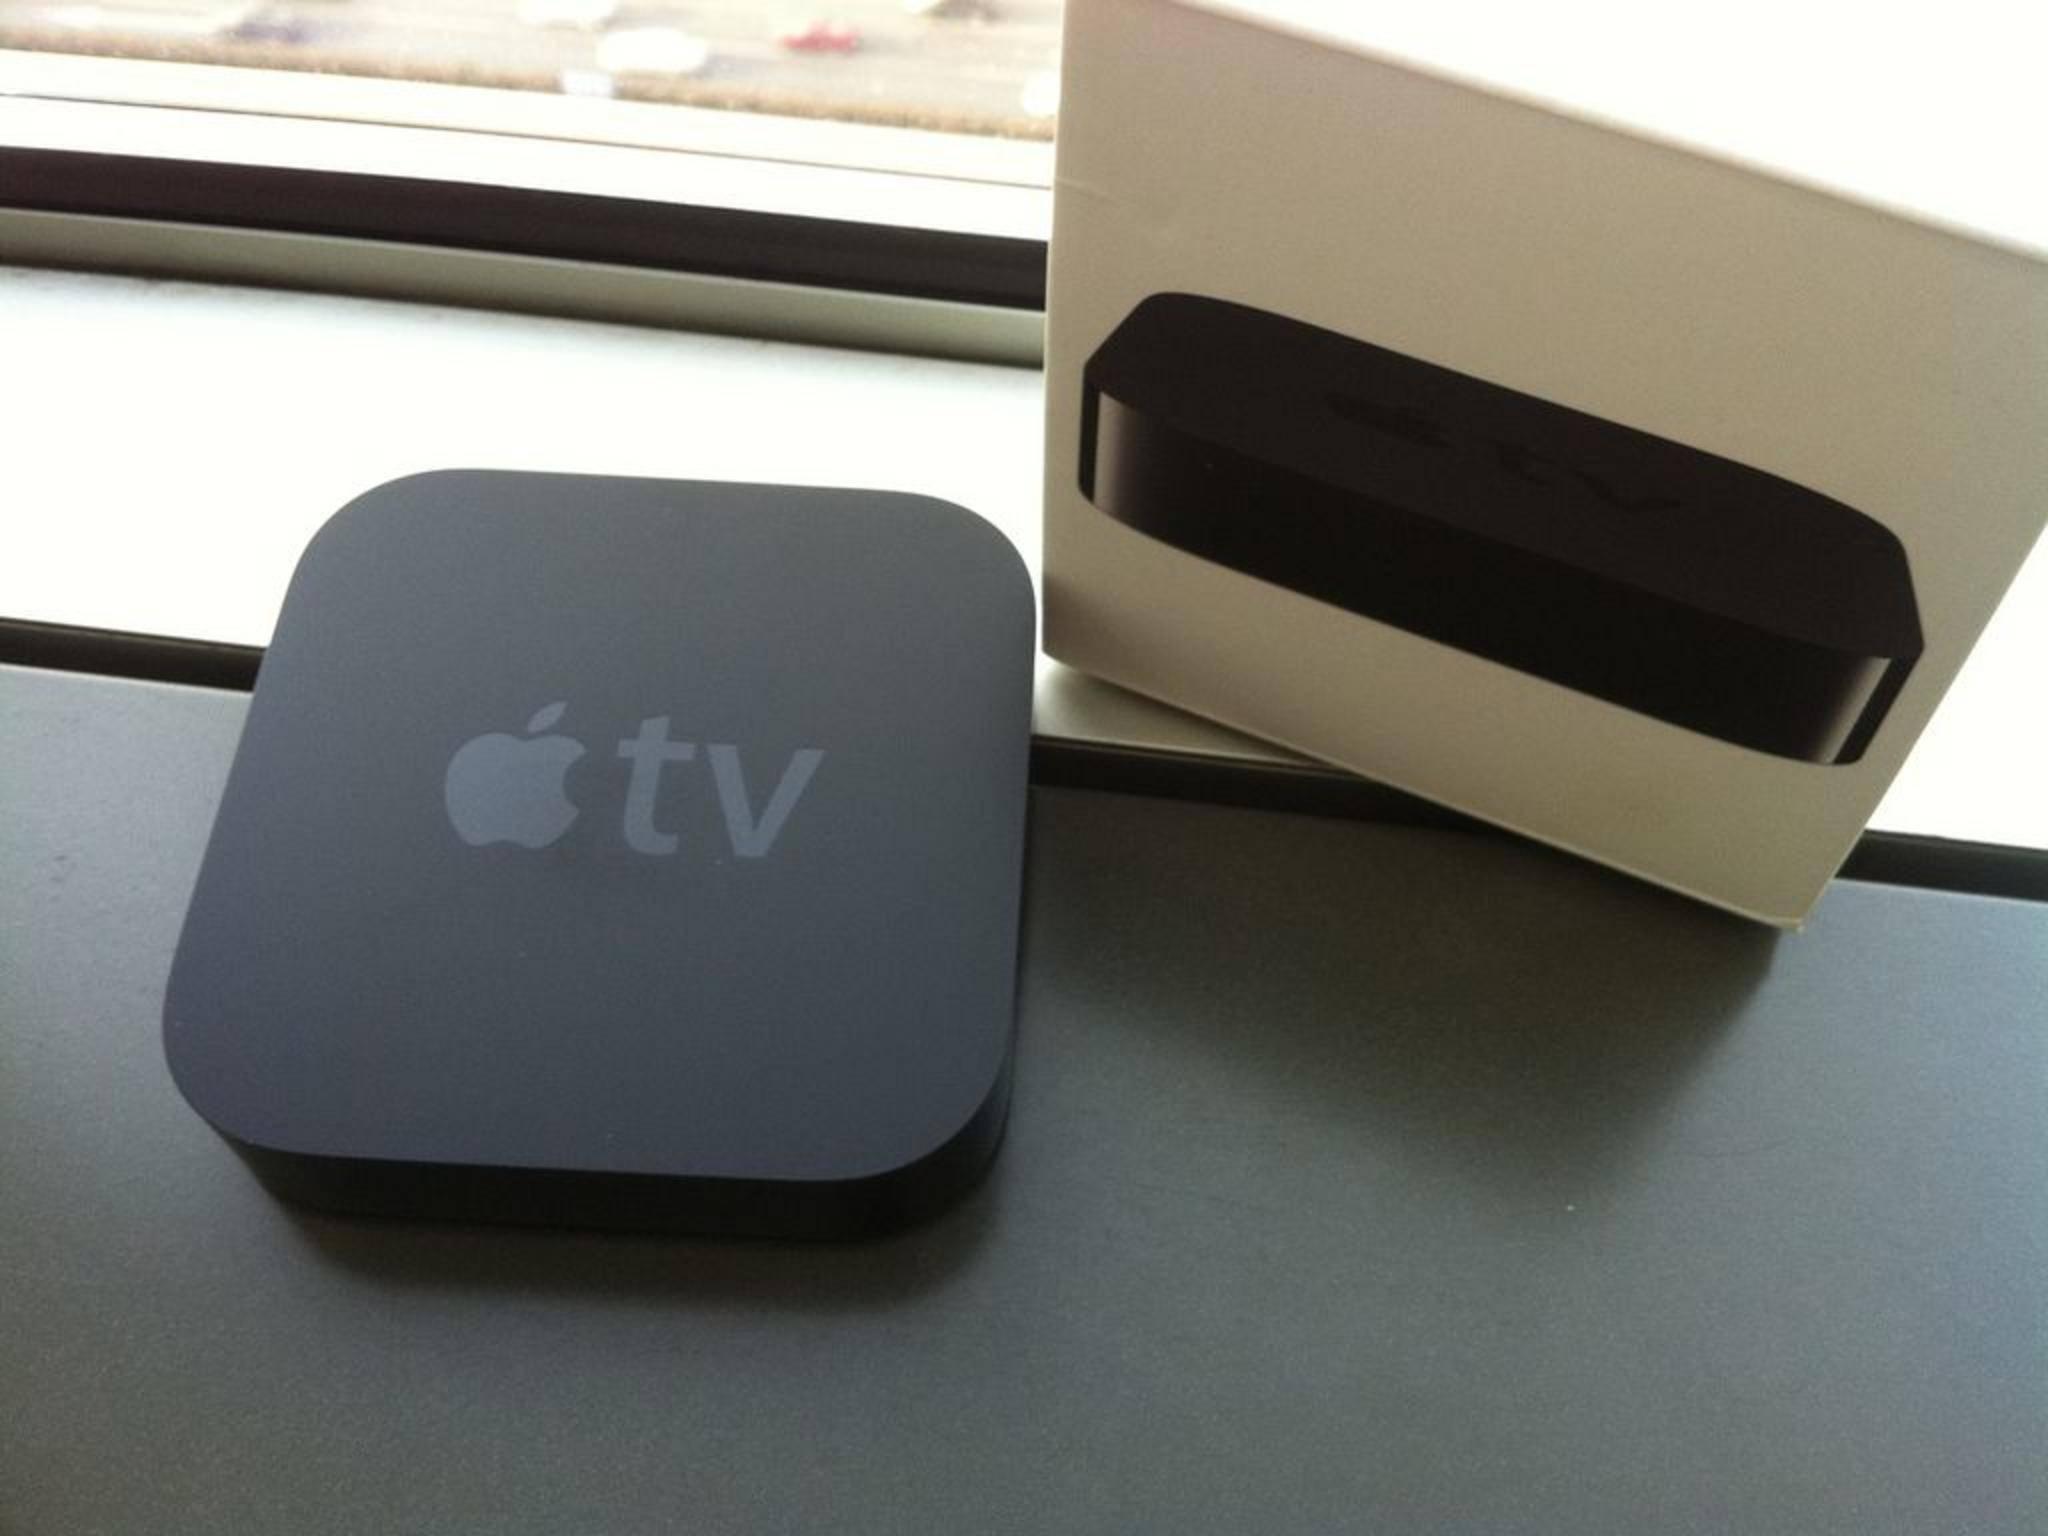 Die Streaming-Box Apple TV könnte 2015 in die vierte Generation gehen.